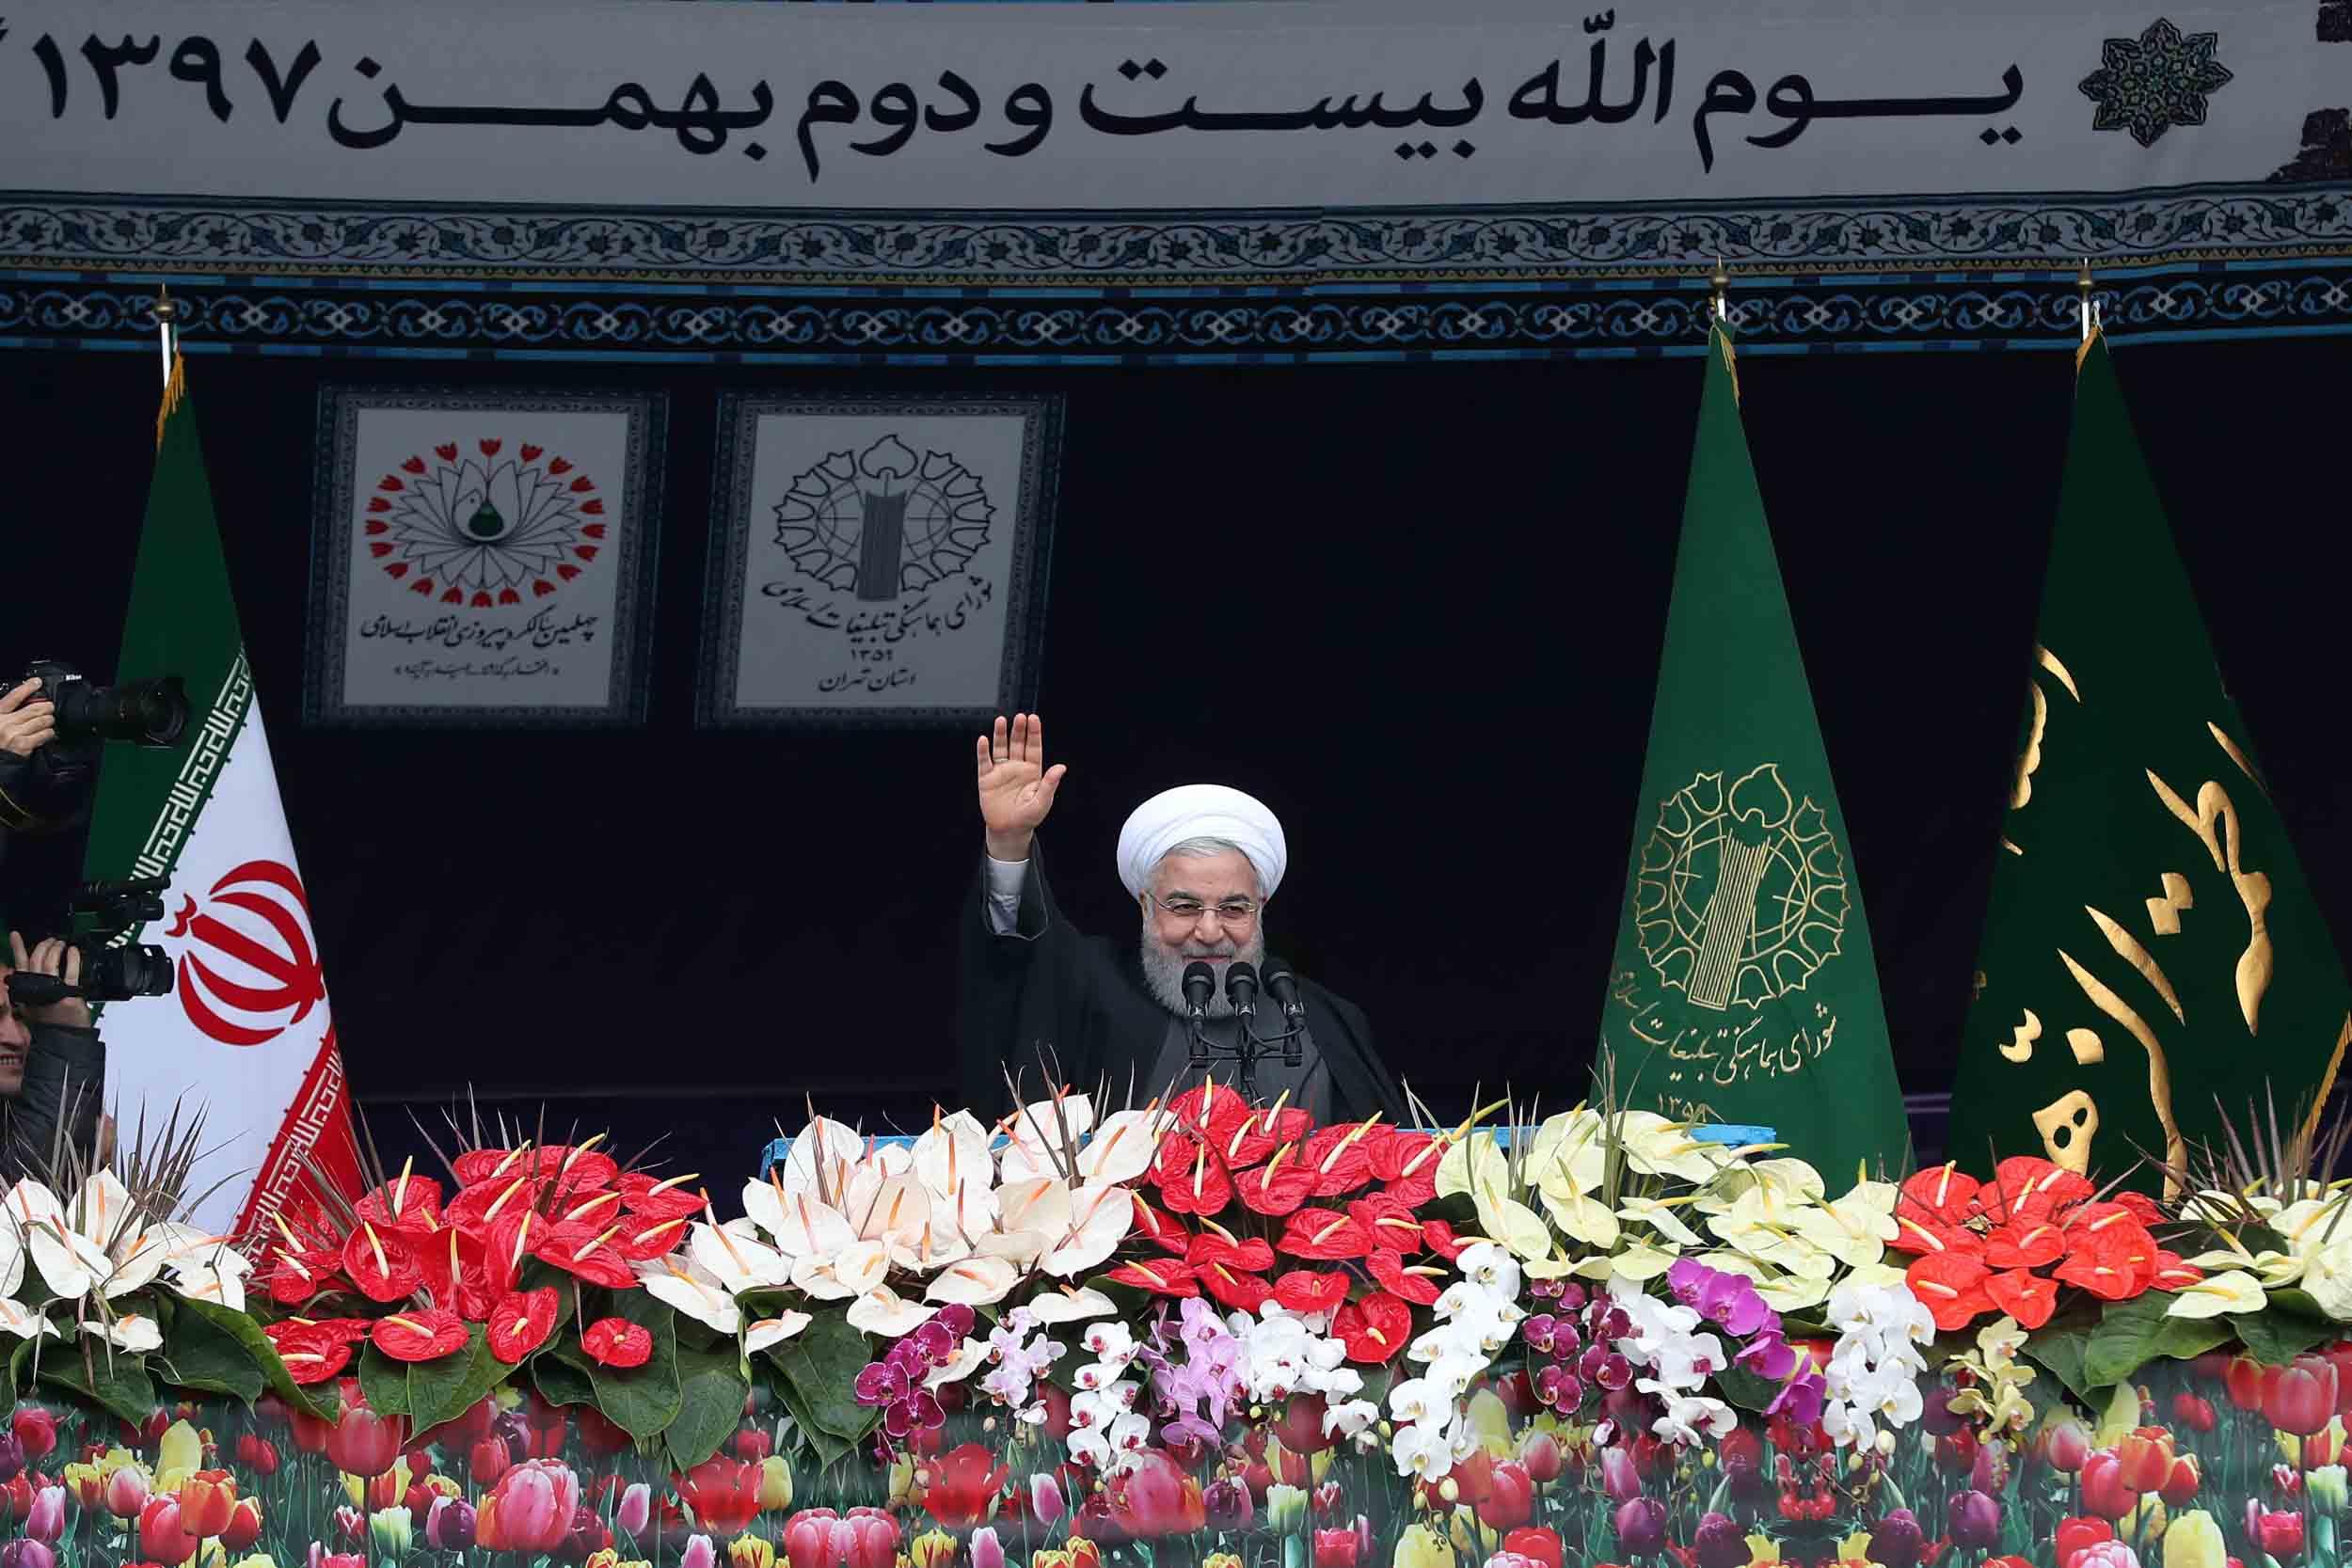 ملت ایران بر سر استقلال و عزت خود معامله نخواهد کرد